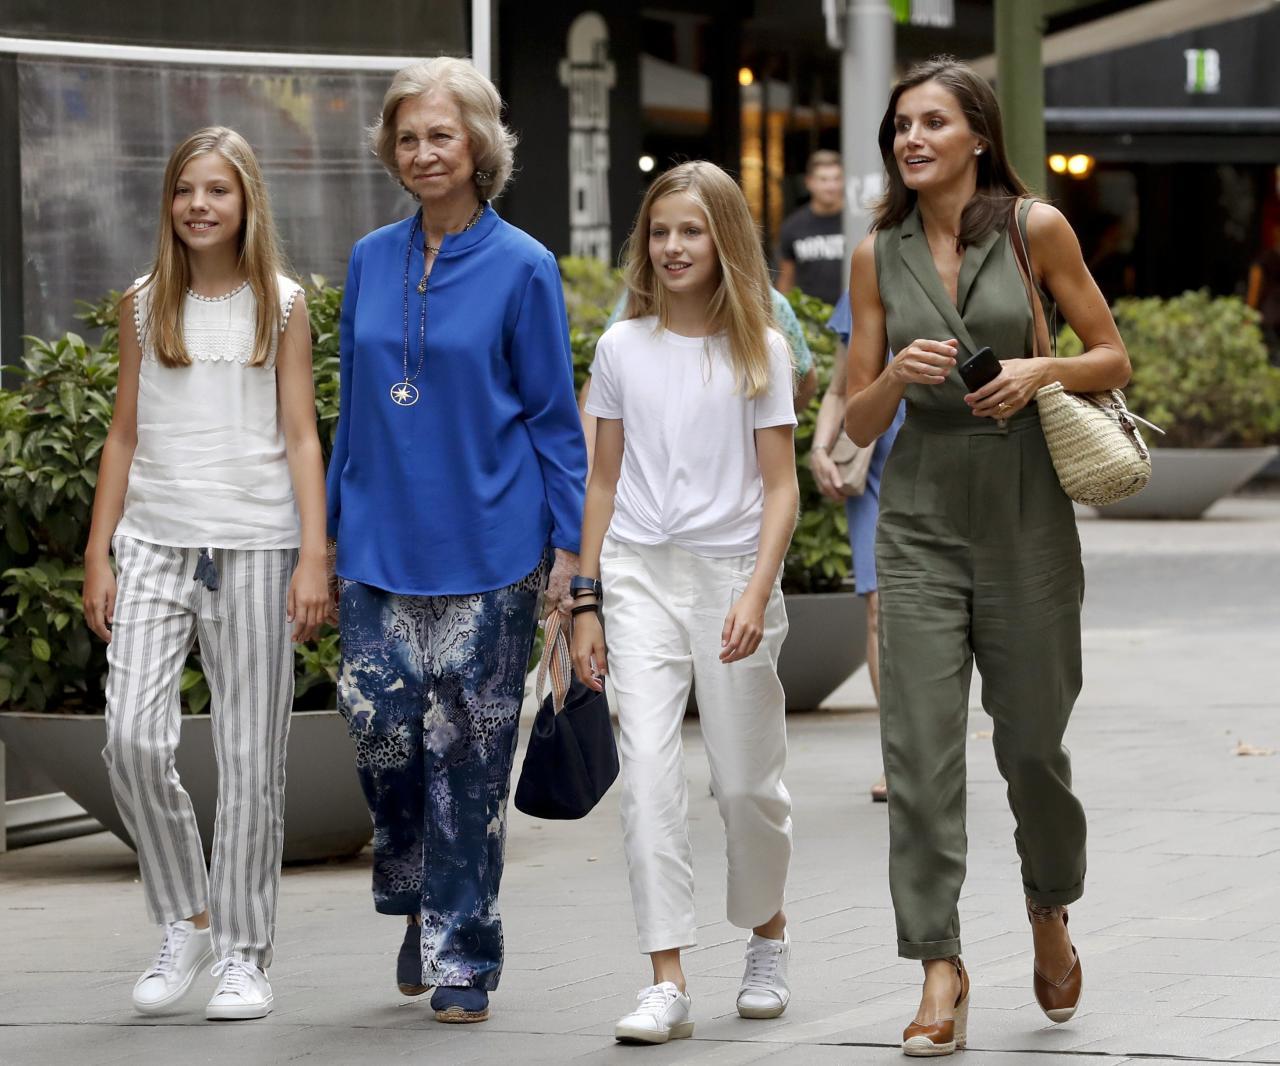 La reina Letizia y la reina Sofía salen del cine